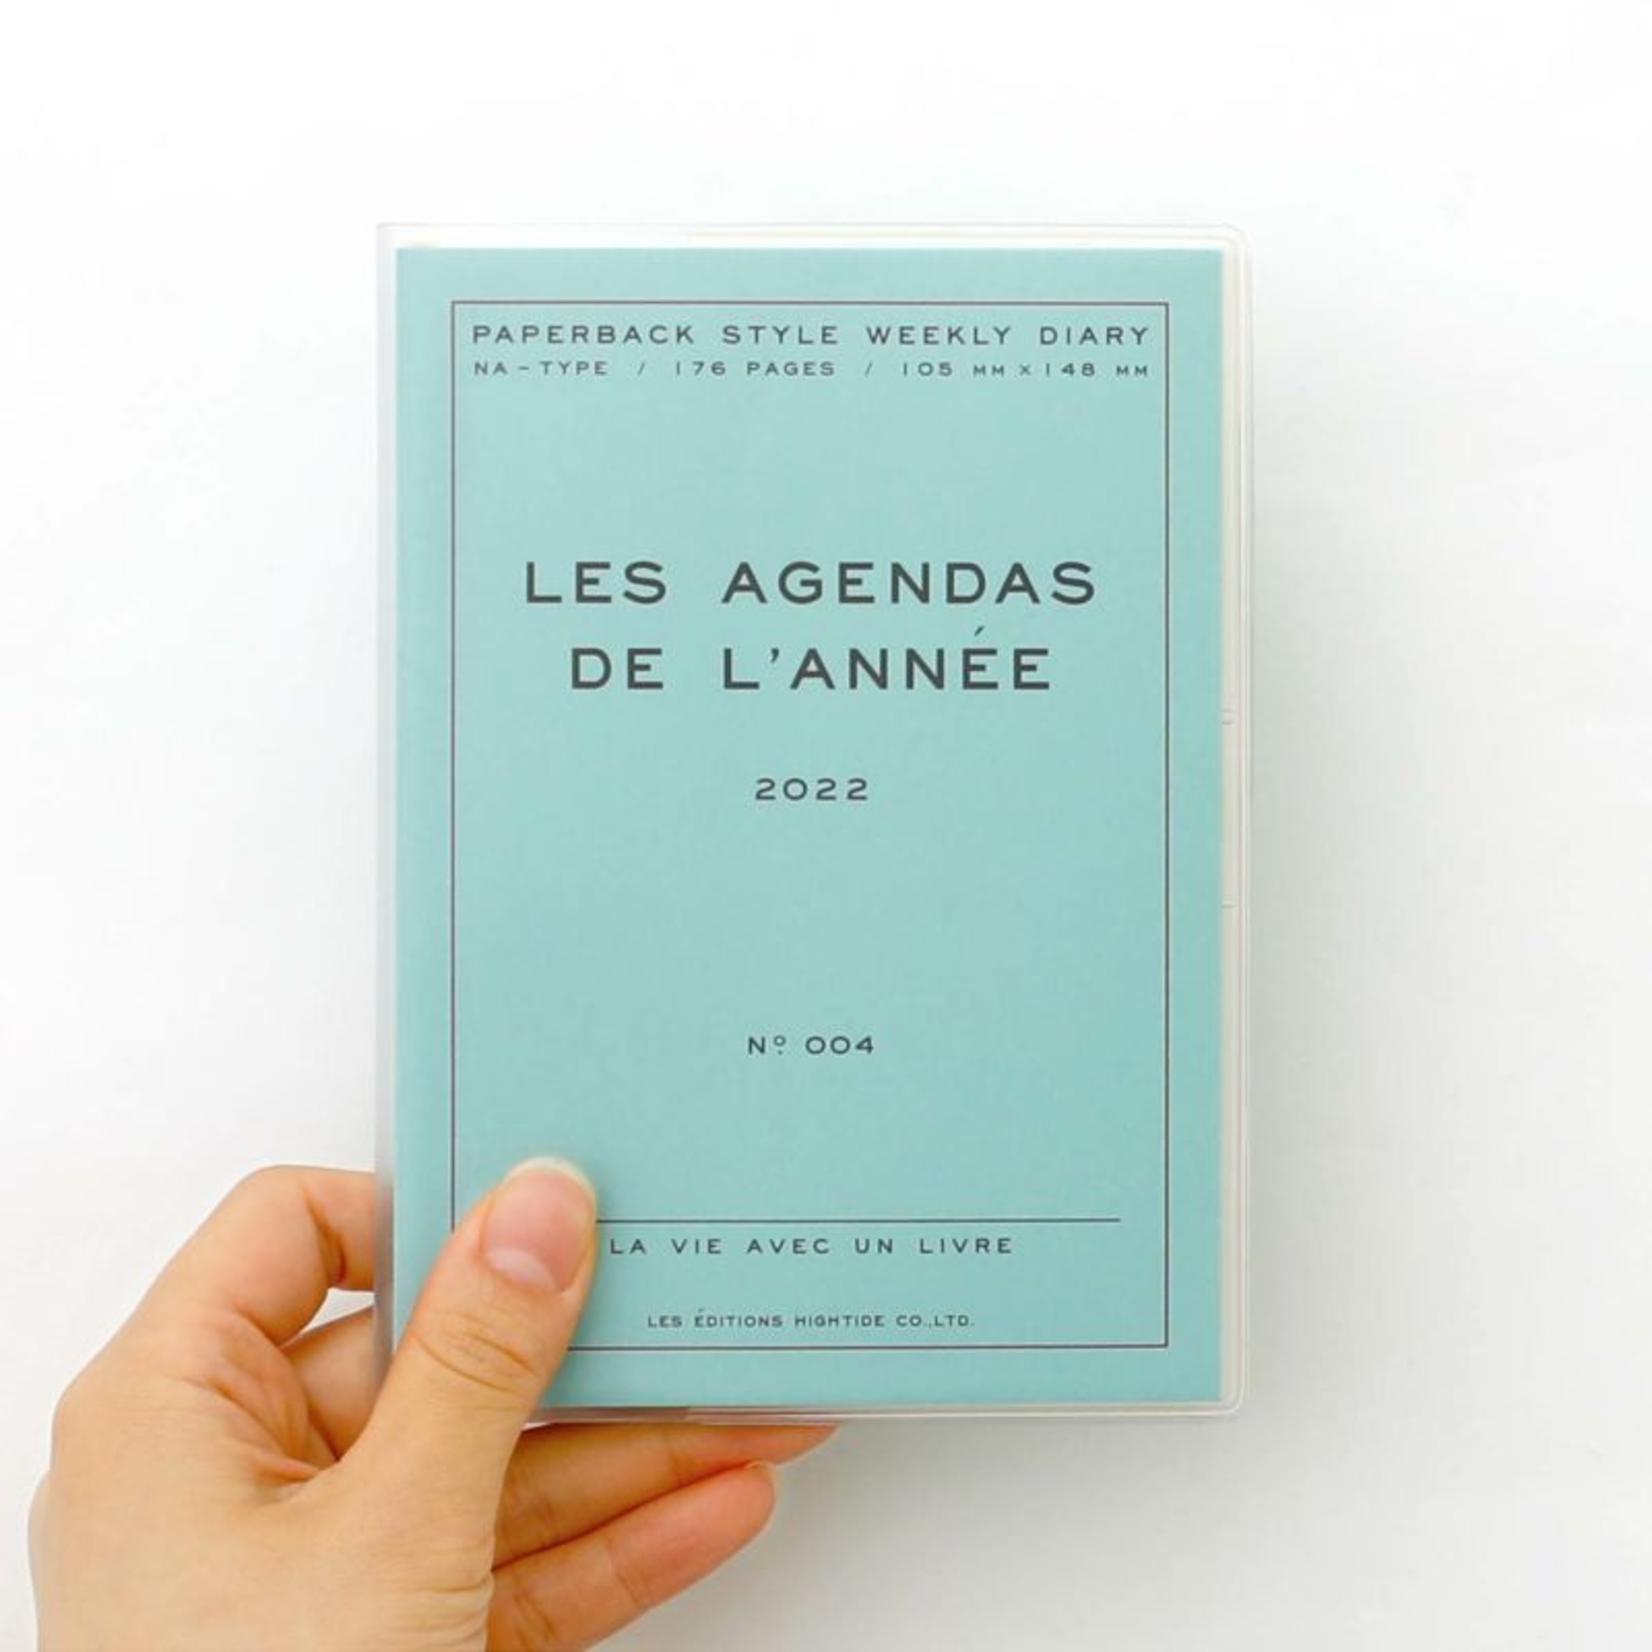 hightide / penco hightide 2022 les agenda de  l'année - mint